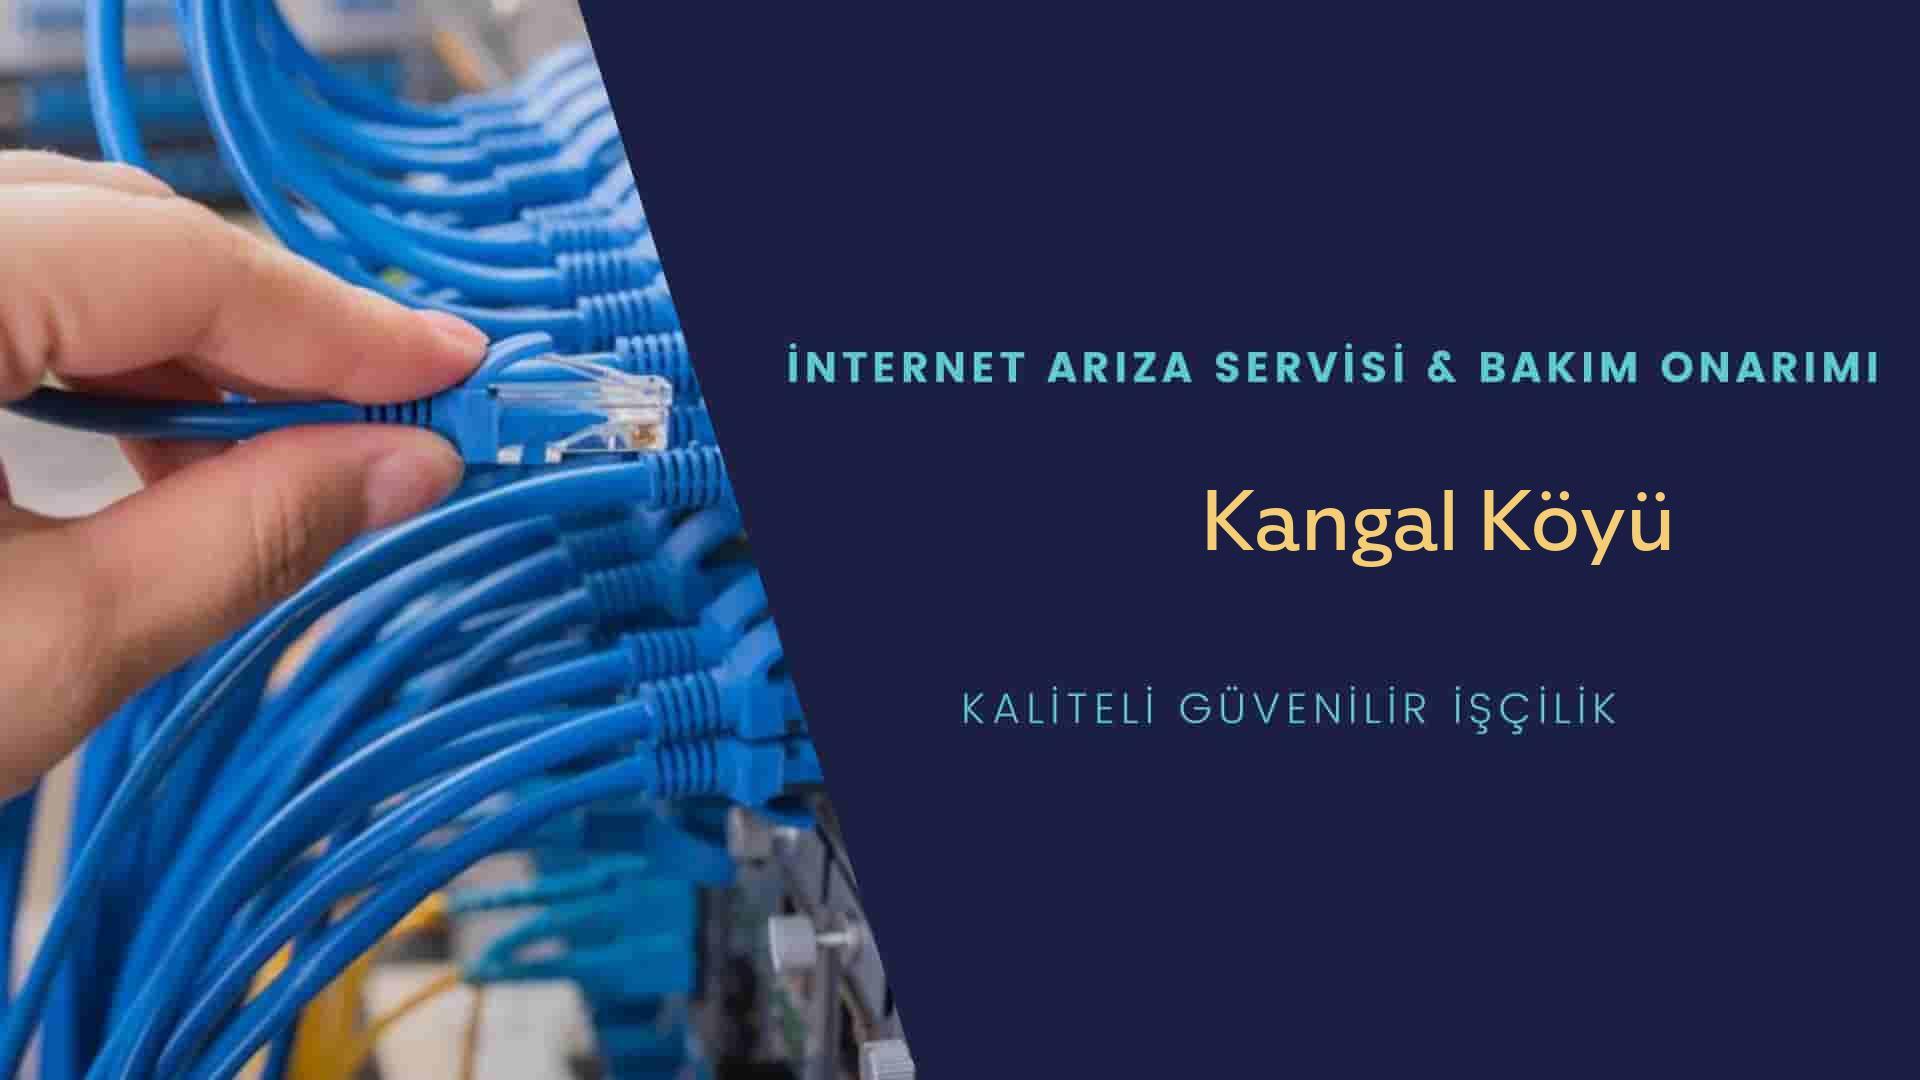 Kangal Köyü internet kablosu çekimi yapan yerler veya elektrikçiler mi? arıyorsunuz doğru yerdesiniz o zaman sizlere 7/24 yardımcı olacak profesyonel ustalarımız bir telefon kadar yakındır size.